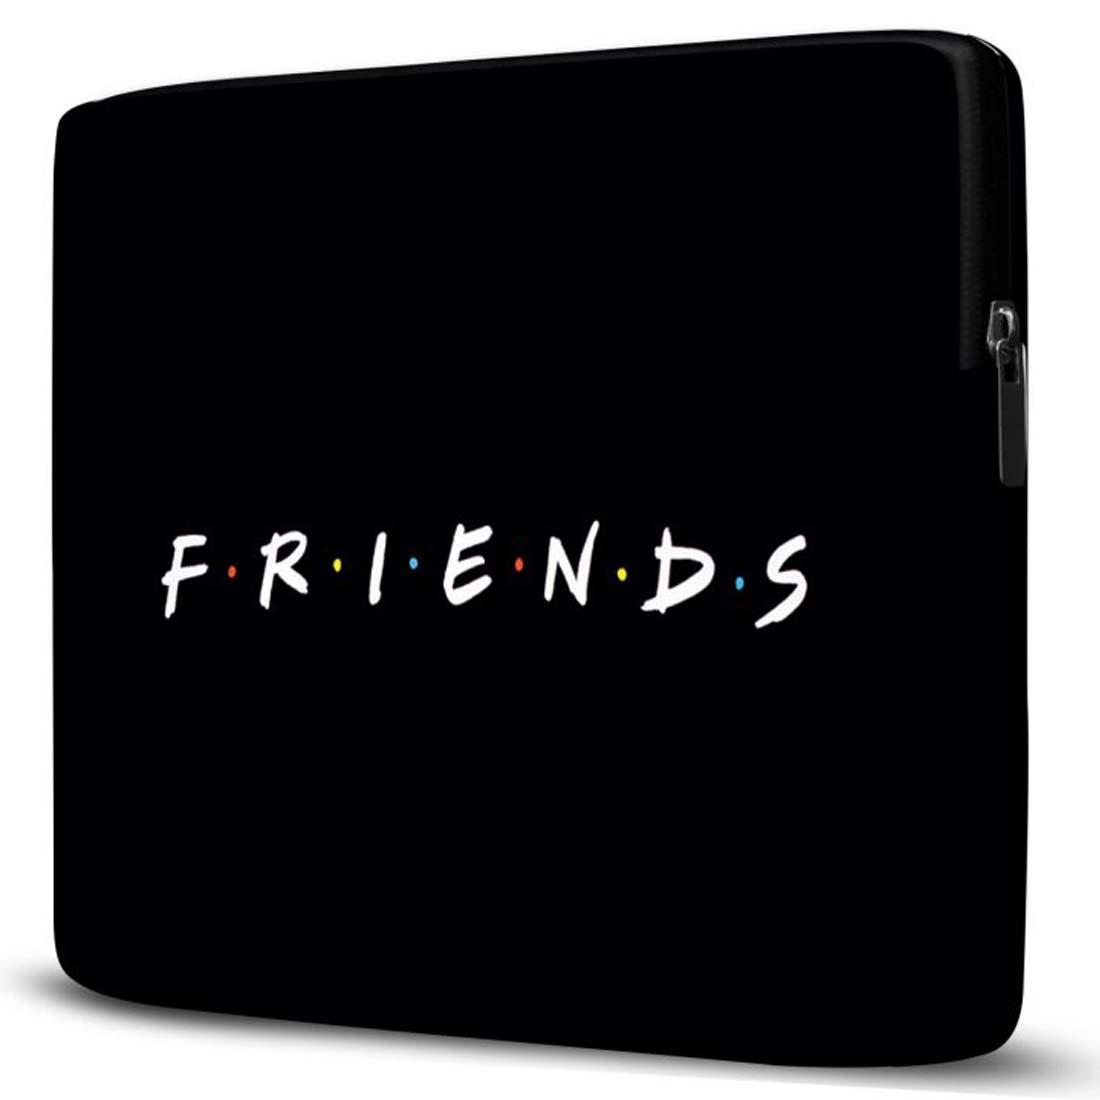 Capa para Notebook Friends 15 Polegadas Preto